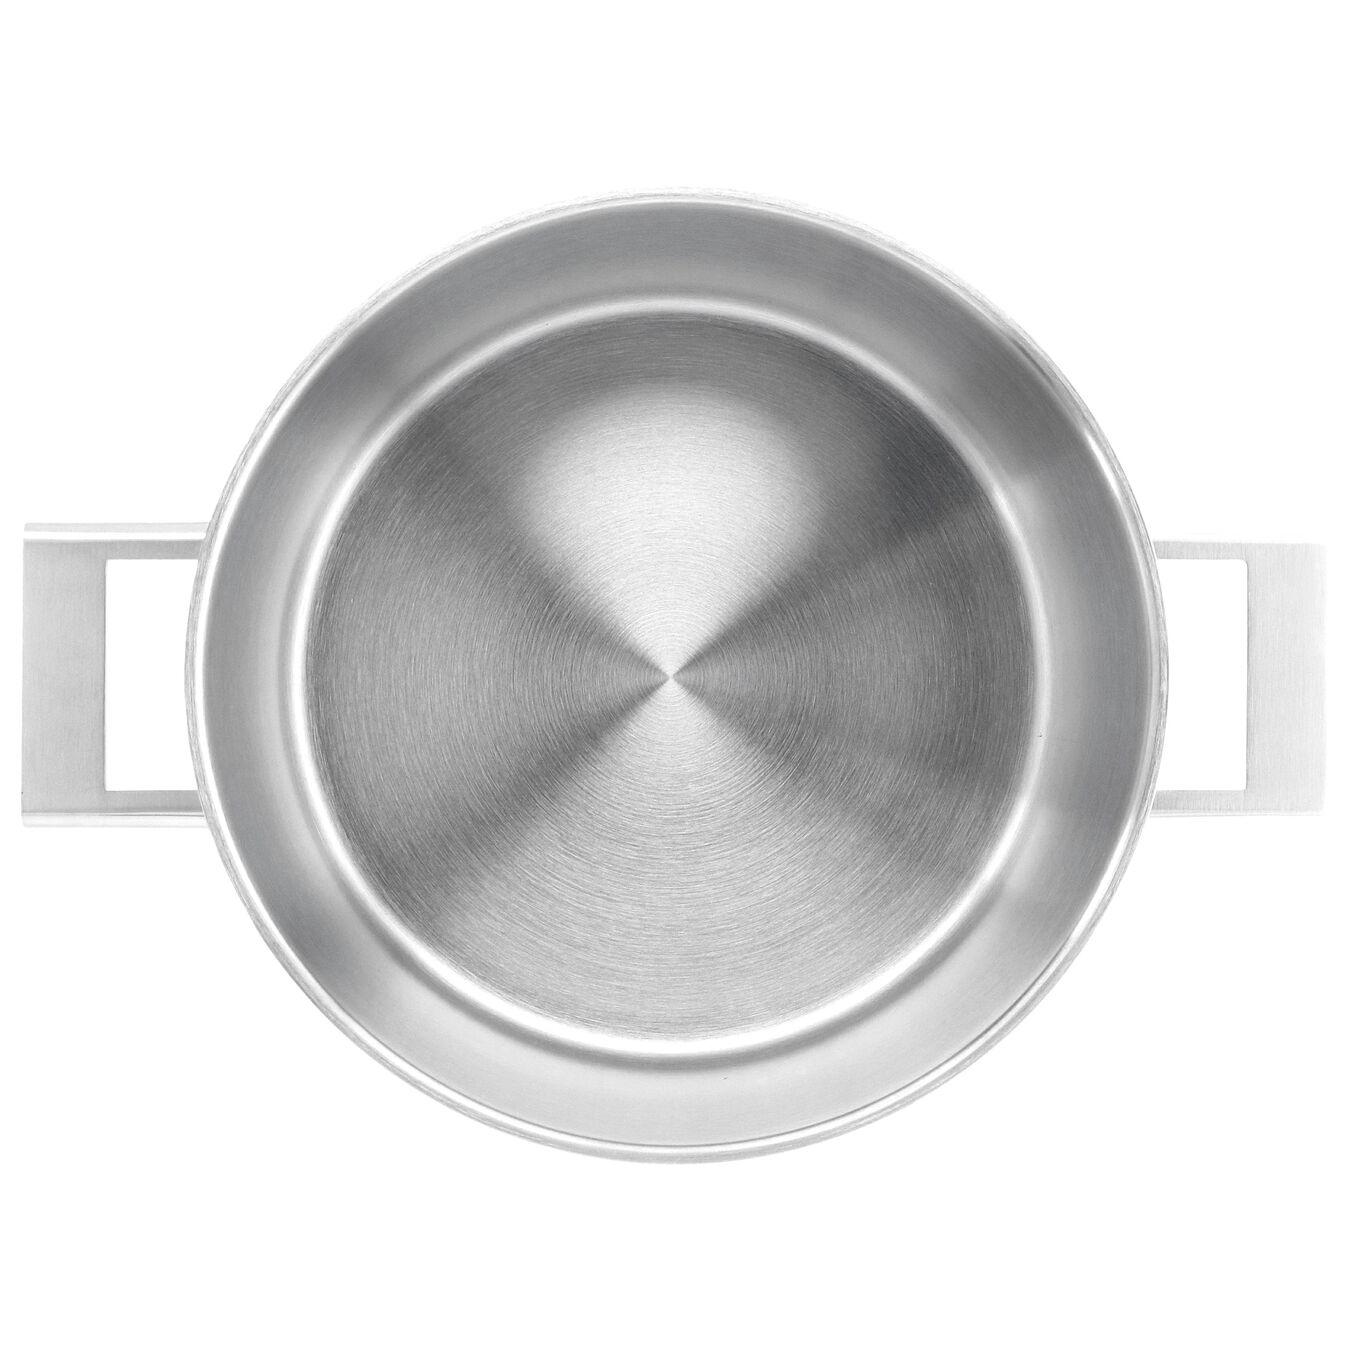 Derin Tencere çift çıdarlı kapak | 18/10 Paslanmaz Çelik | 24 cm,,large 2